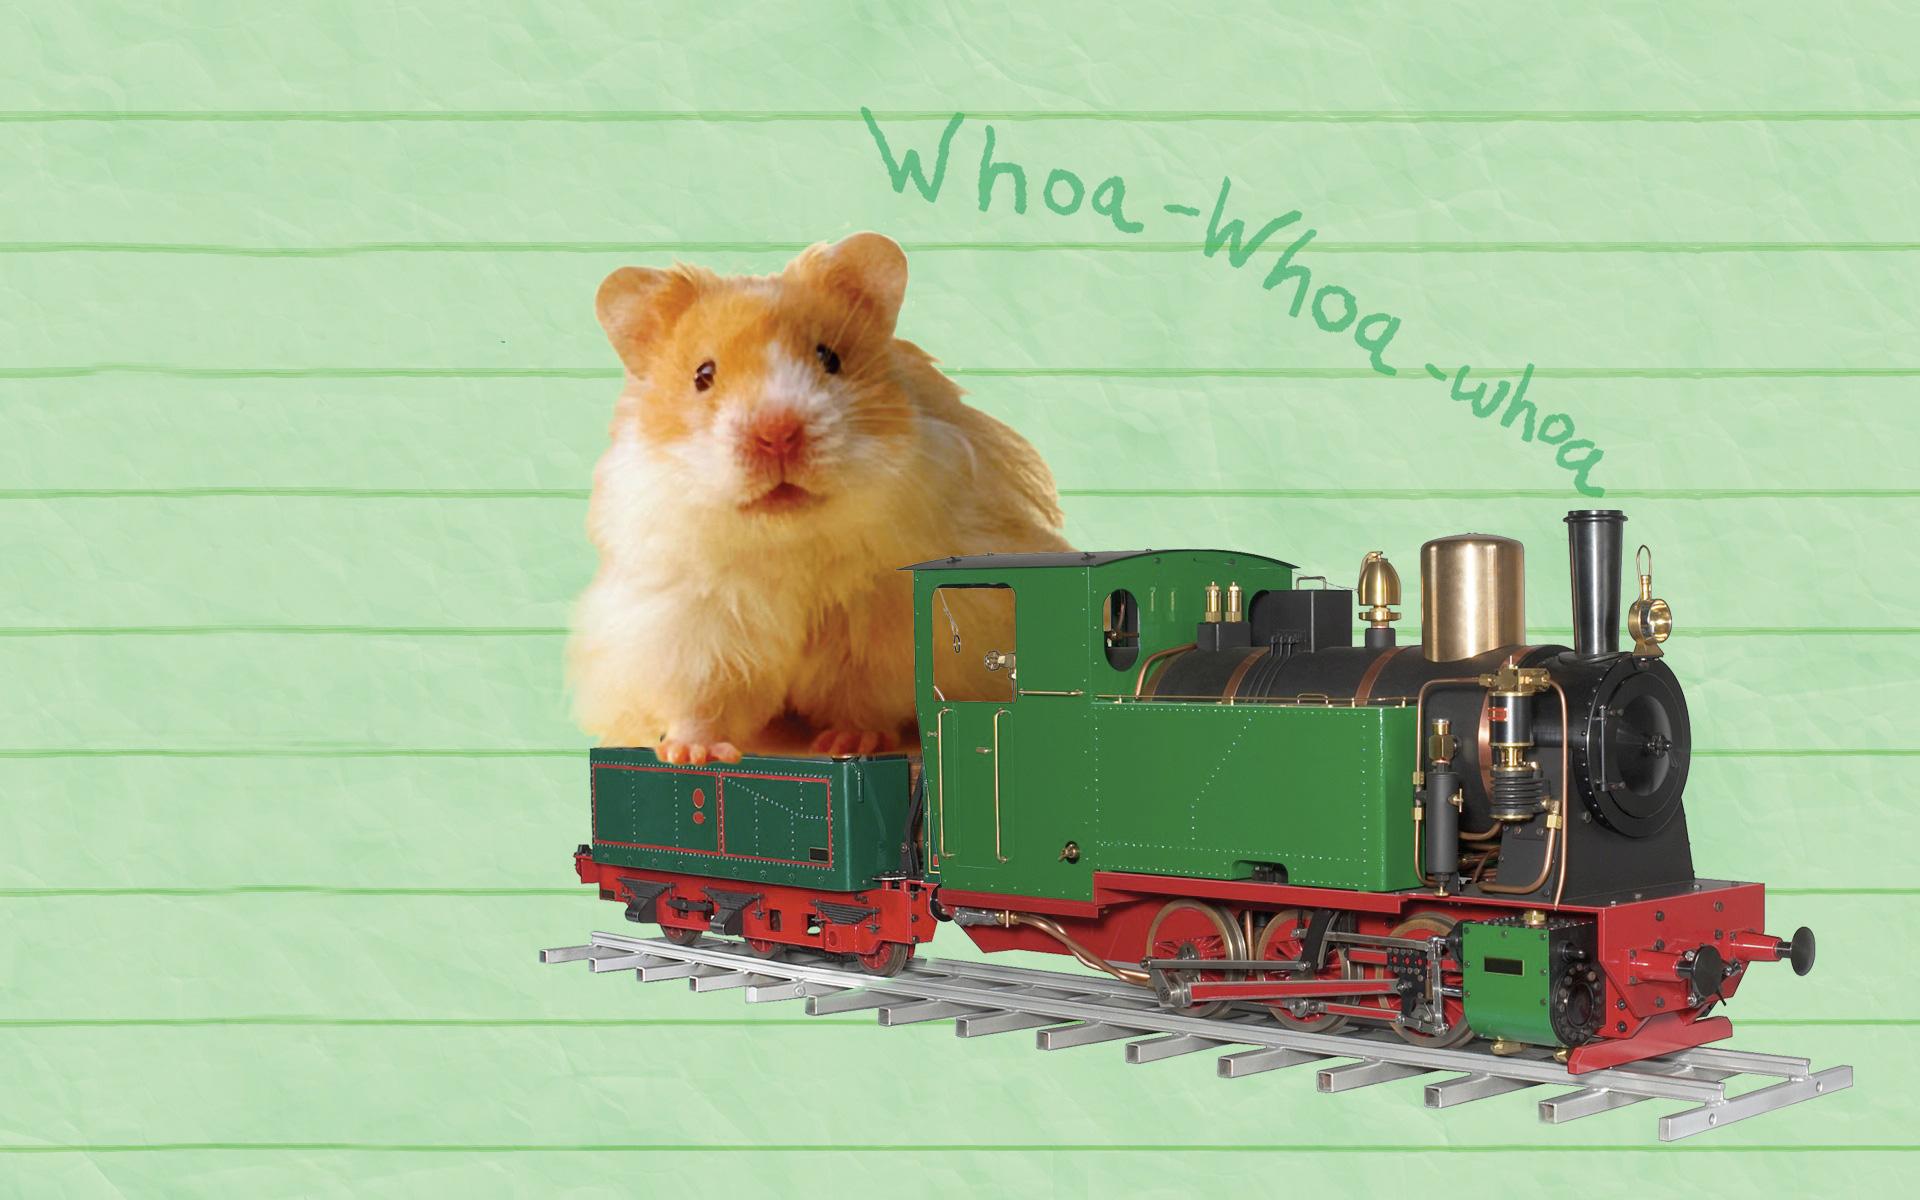 Humphrey Rides A Train Wallpaper Scholastic Kids Club